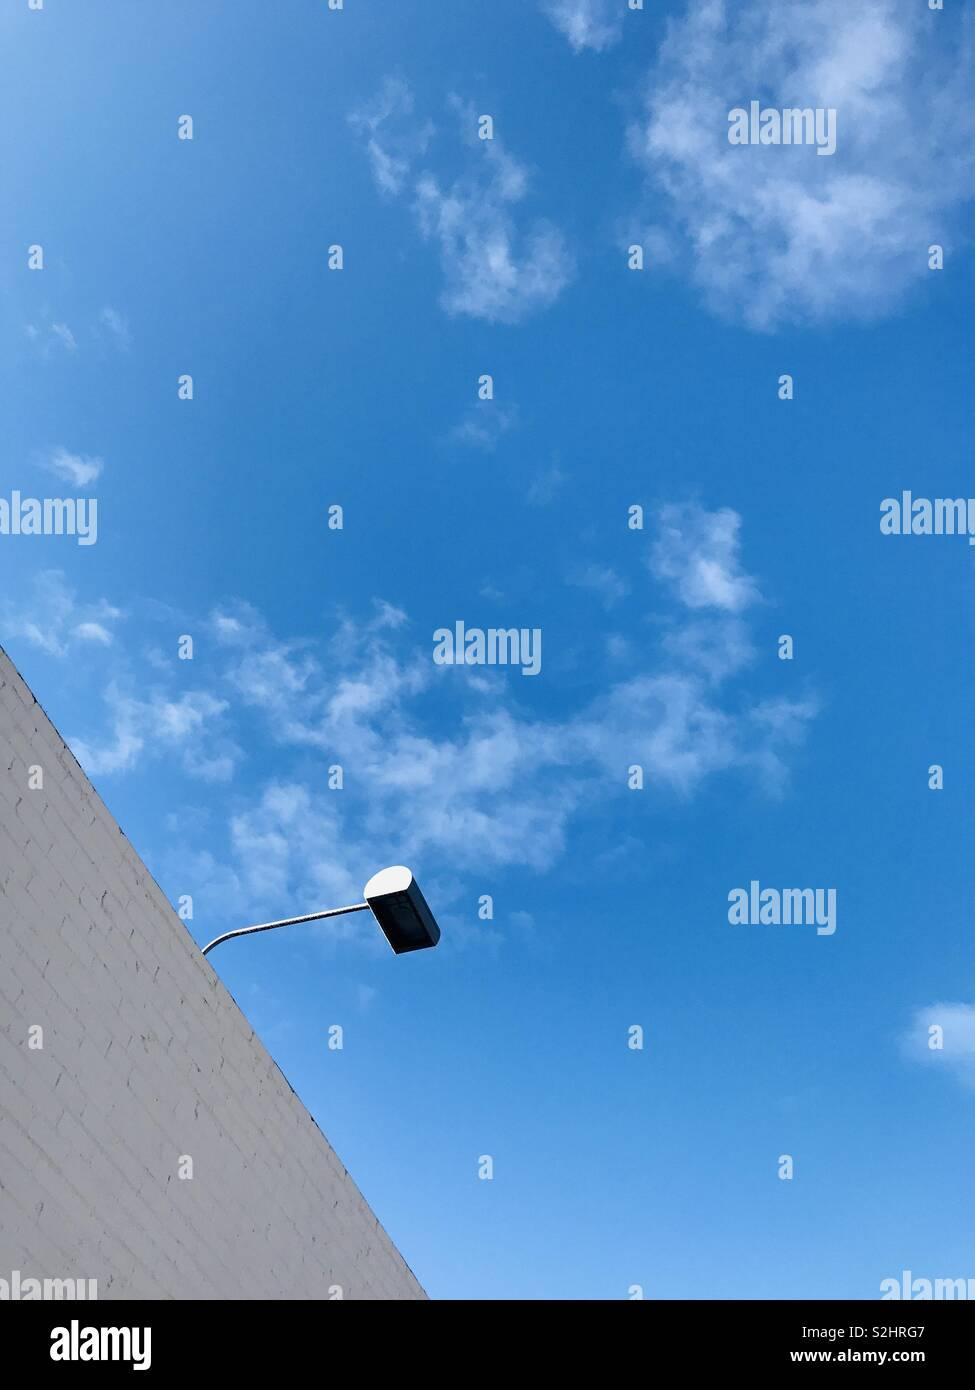 Une lampe se bloque sur un bâtiment. Photo Stock